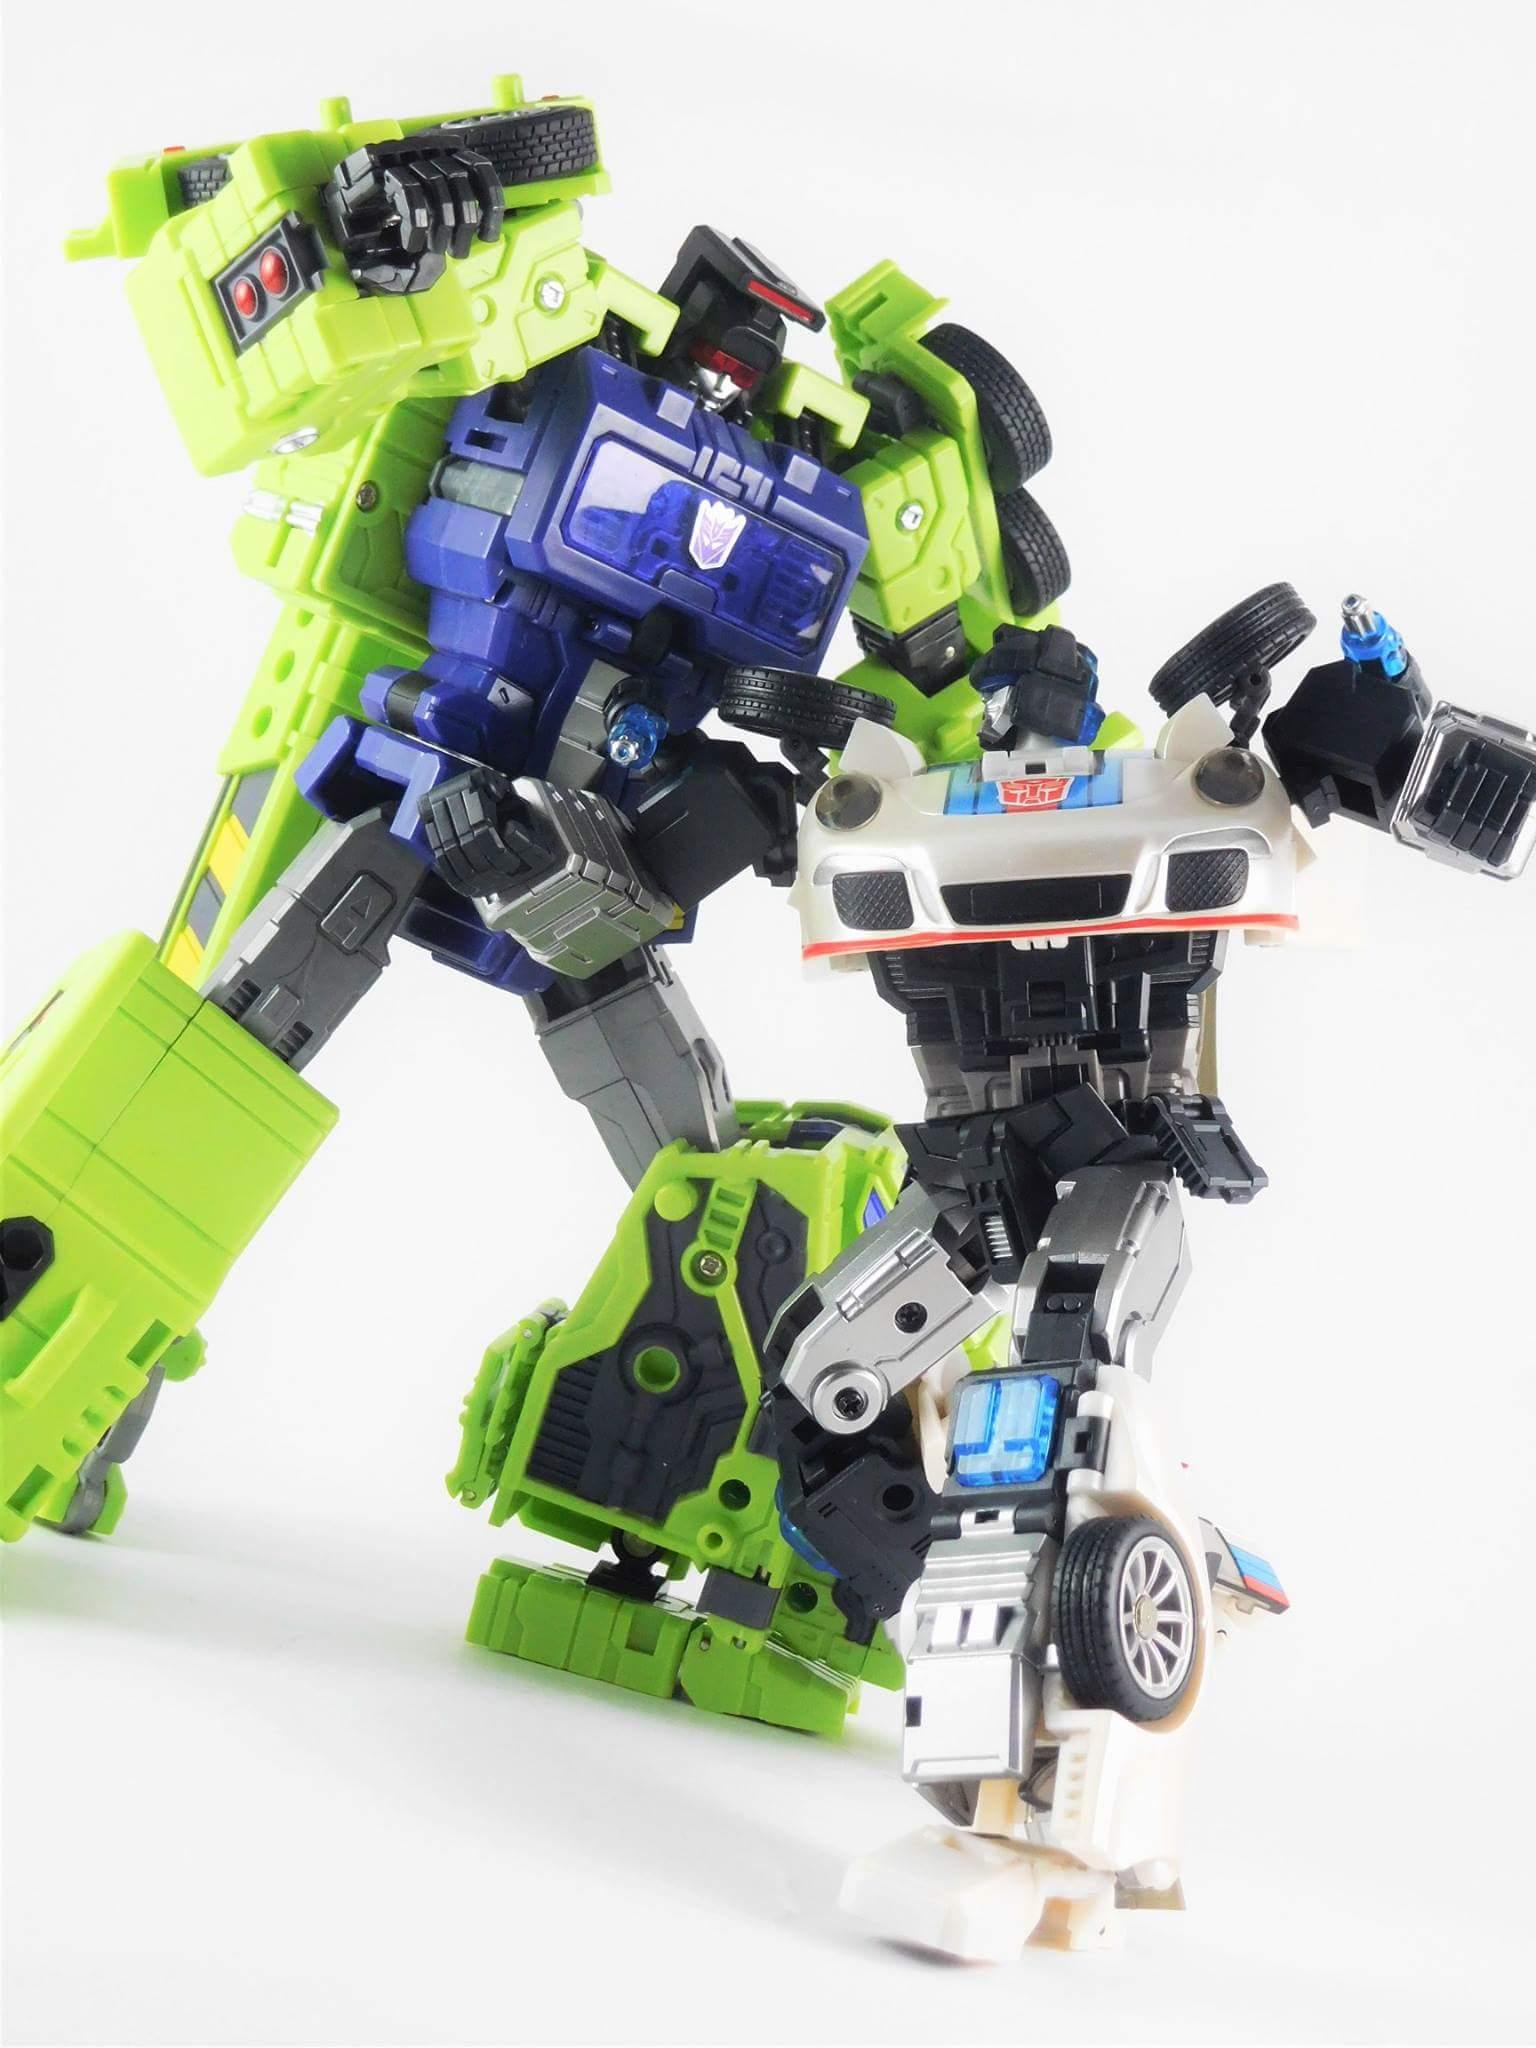 [Generation Toy] Produit Tiers - Jouets TF de la Gamme GT - des BD TF d'IDW - Page 2 Vt43hQ2k